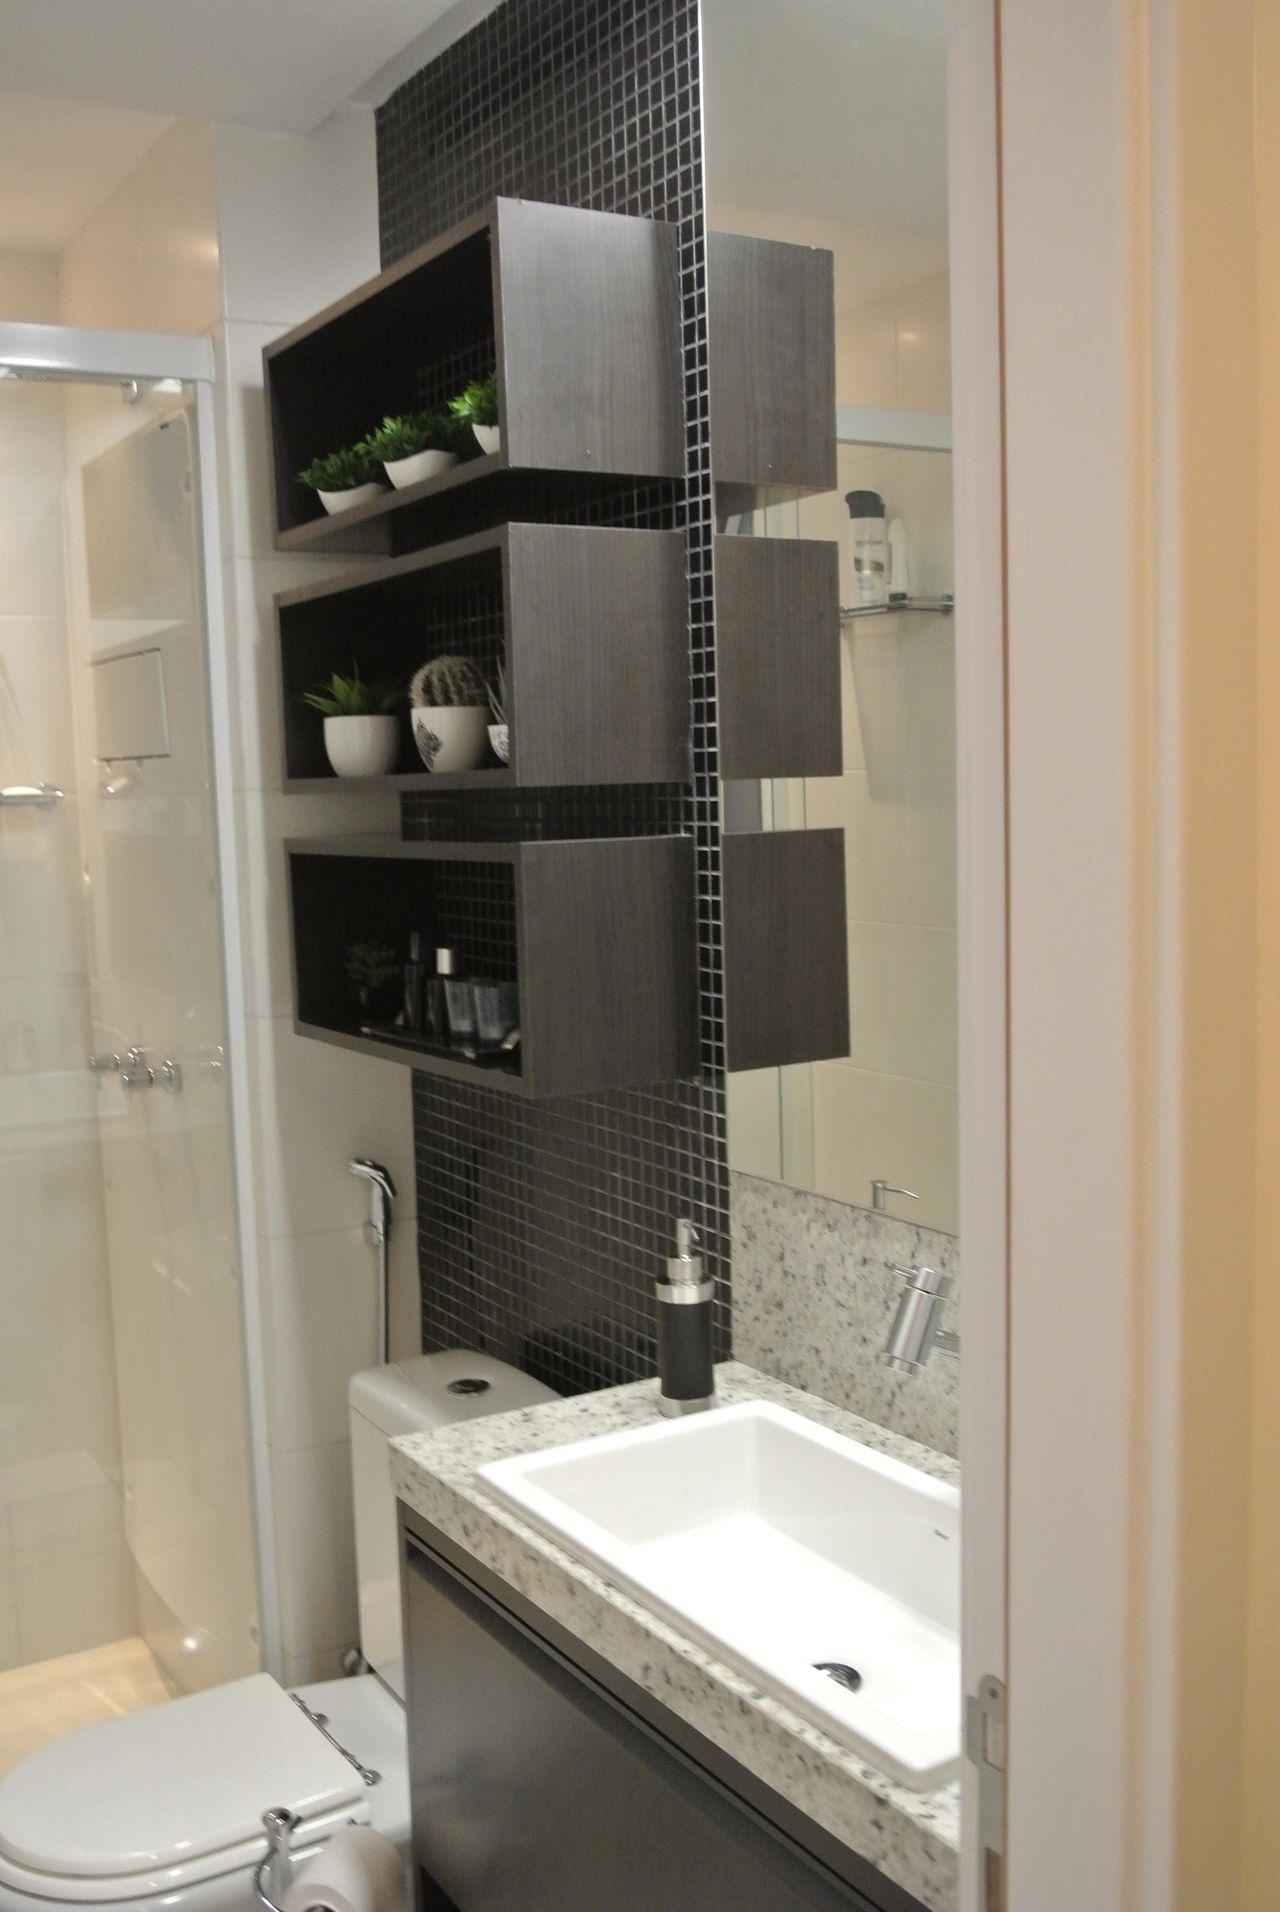 Banheiro com Pastilhas Preta de Suellen Montenegro Bezerra  49418 no Viva De -> Banheiro Simples Pastilha